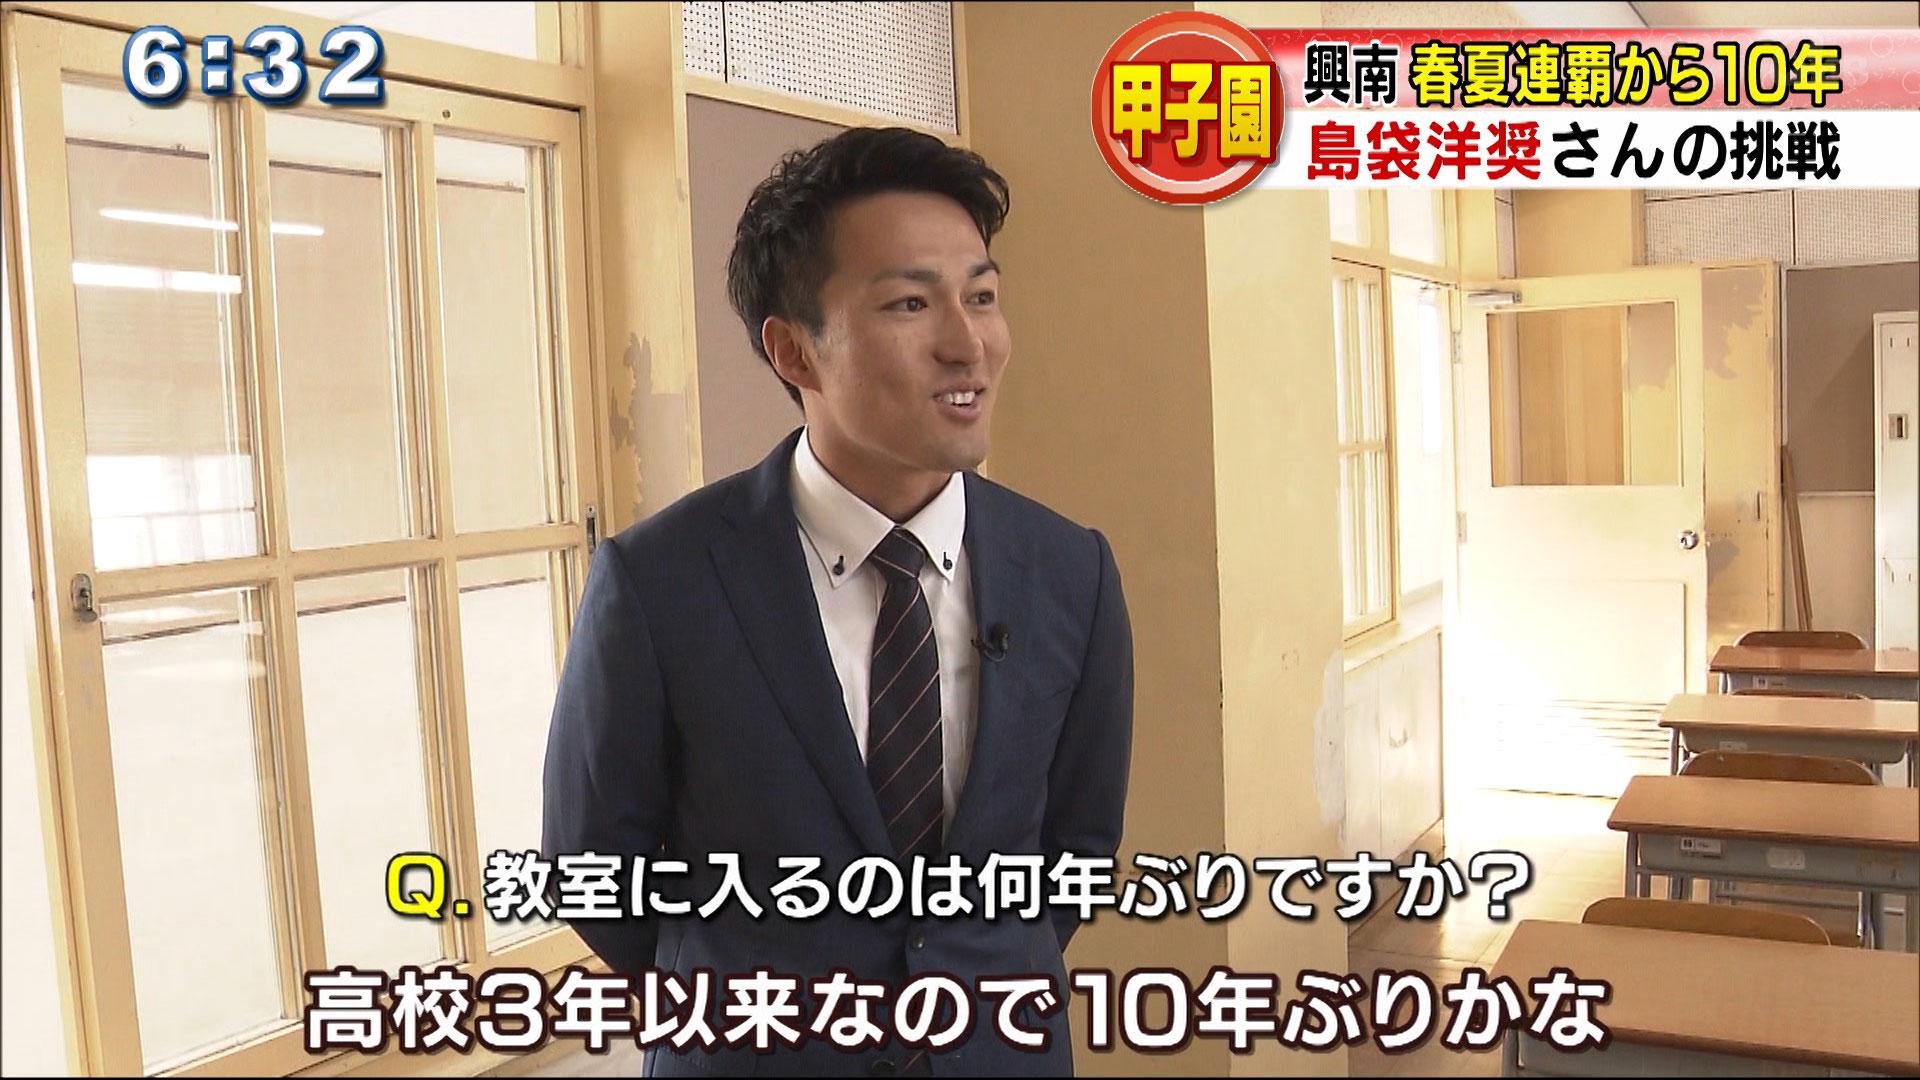 興南春夏連覇から10年 島袋洋奨さんの挑戦